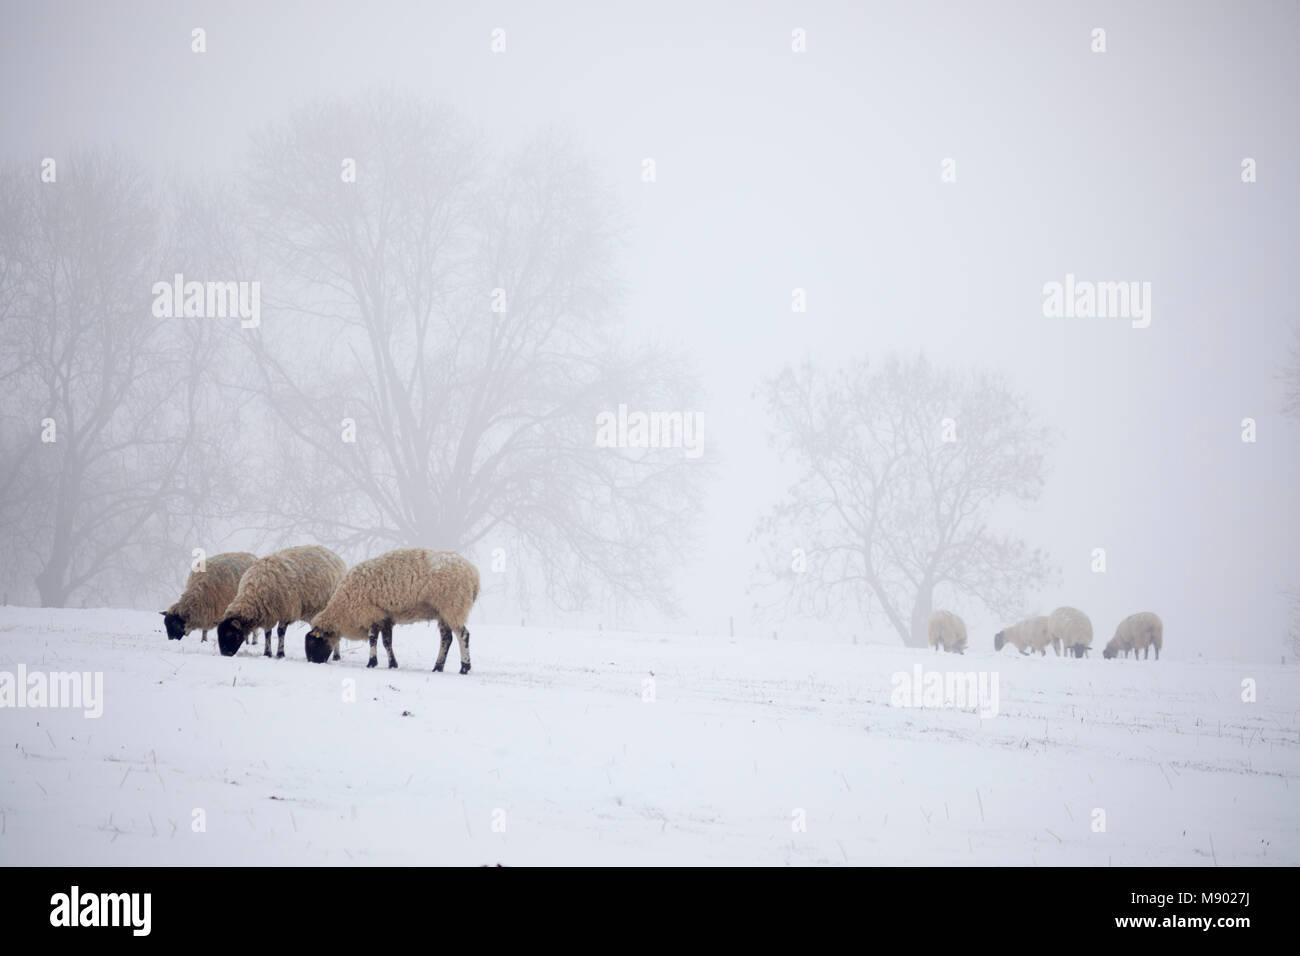 Ovejas blancas en la nieve y la niebla, Chipping Campden, los Cotswolds, Gloucestershire, Inglaterra, Reino Unido, Imagen De Stock